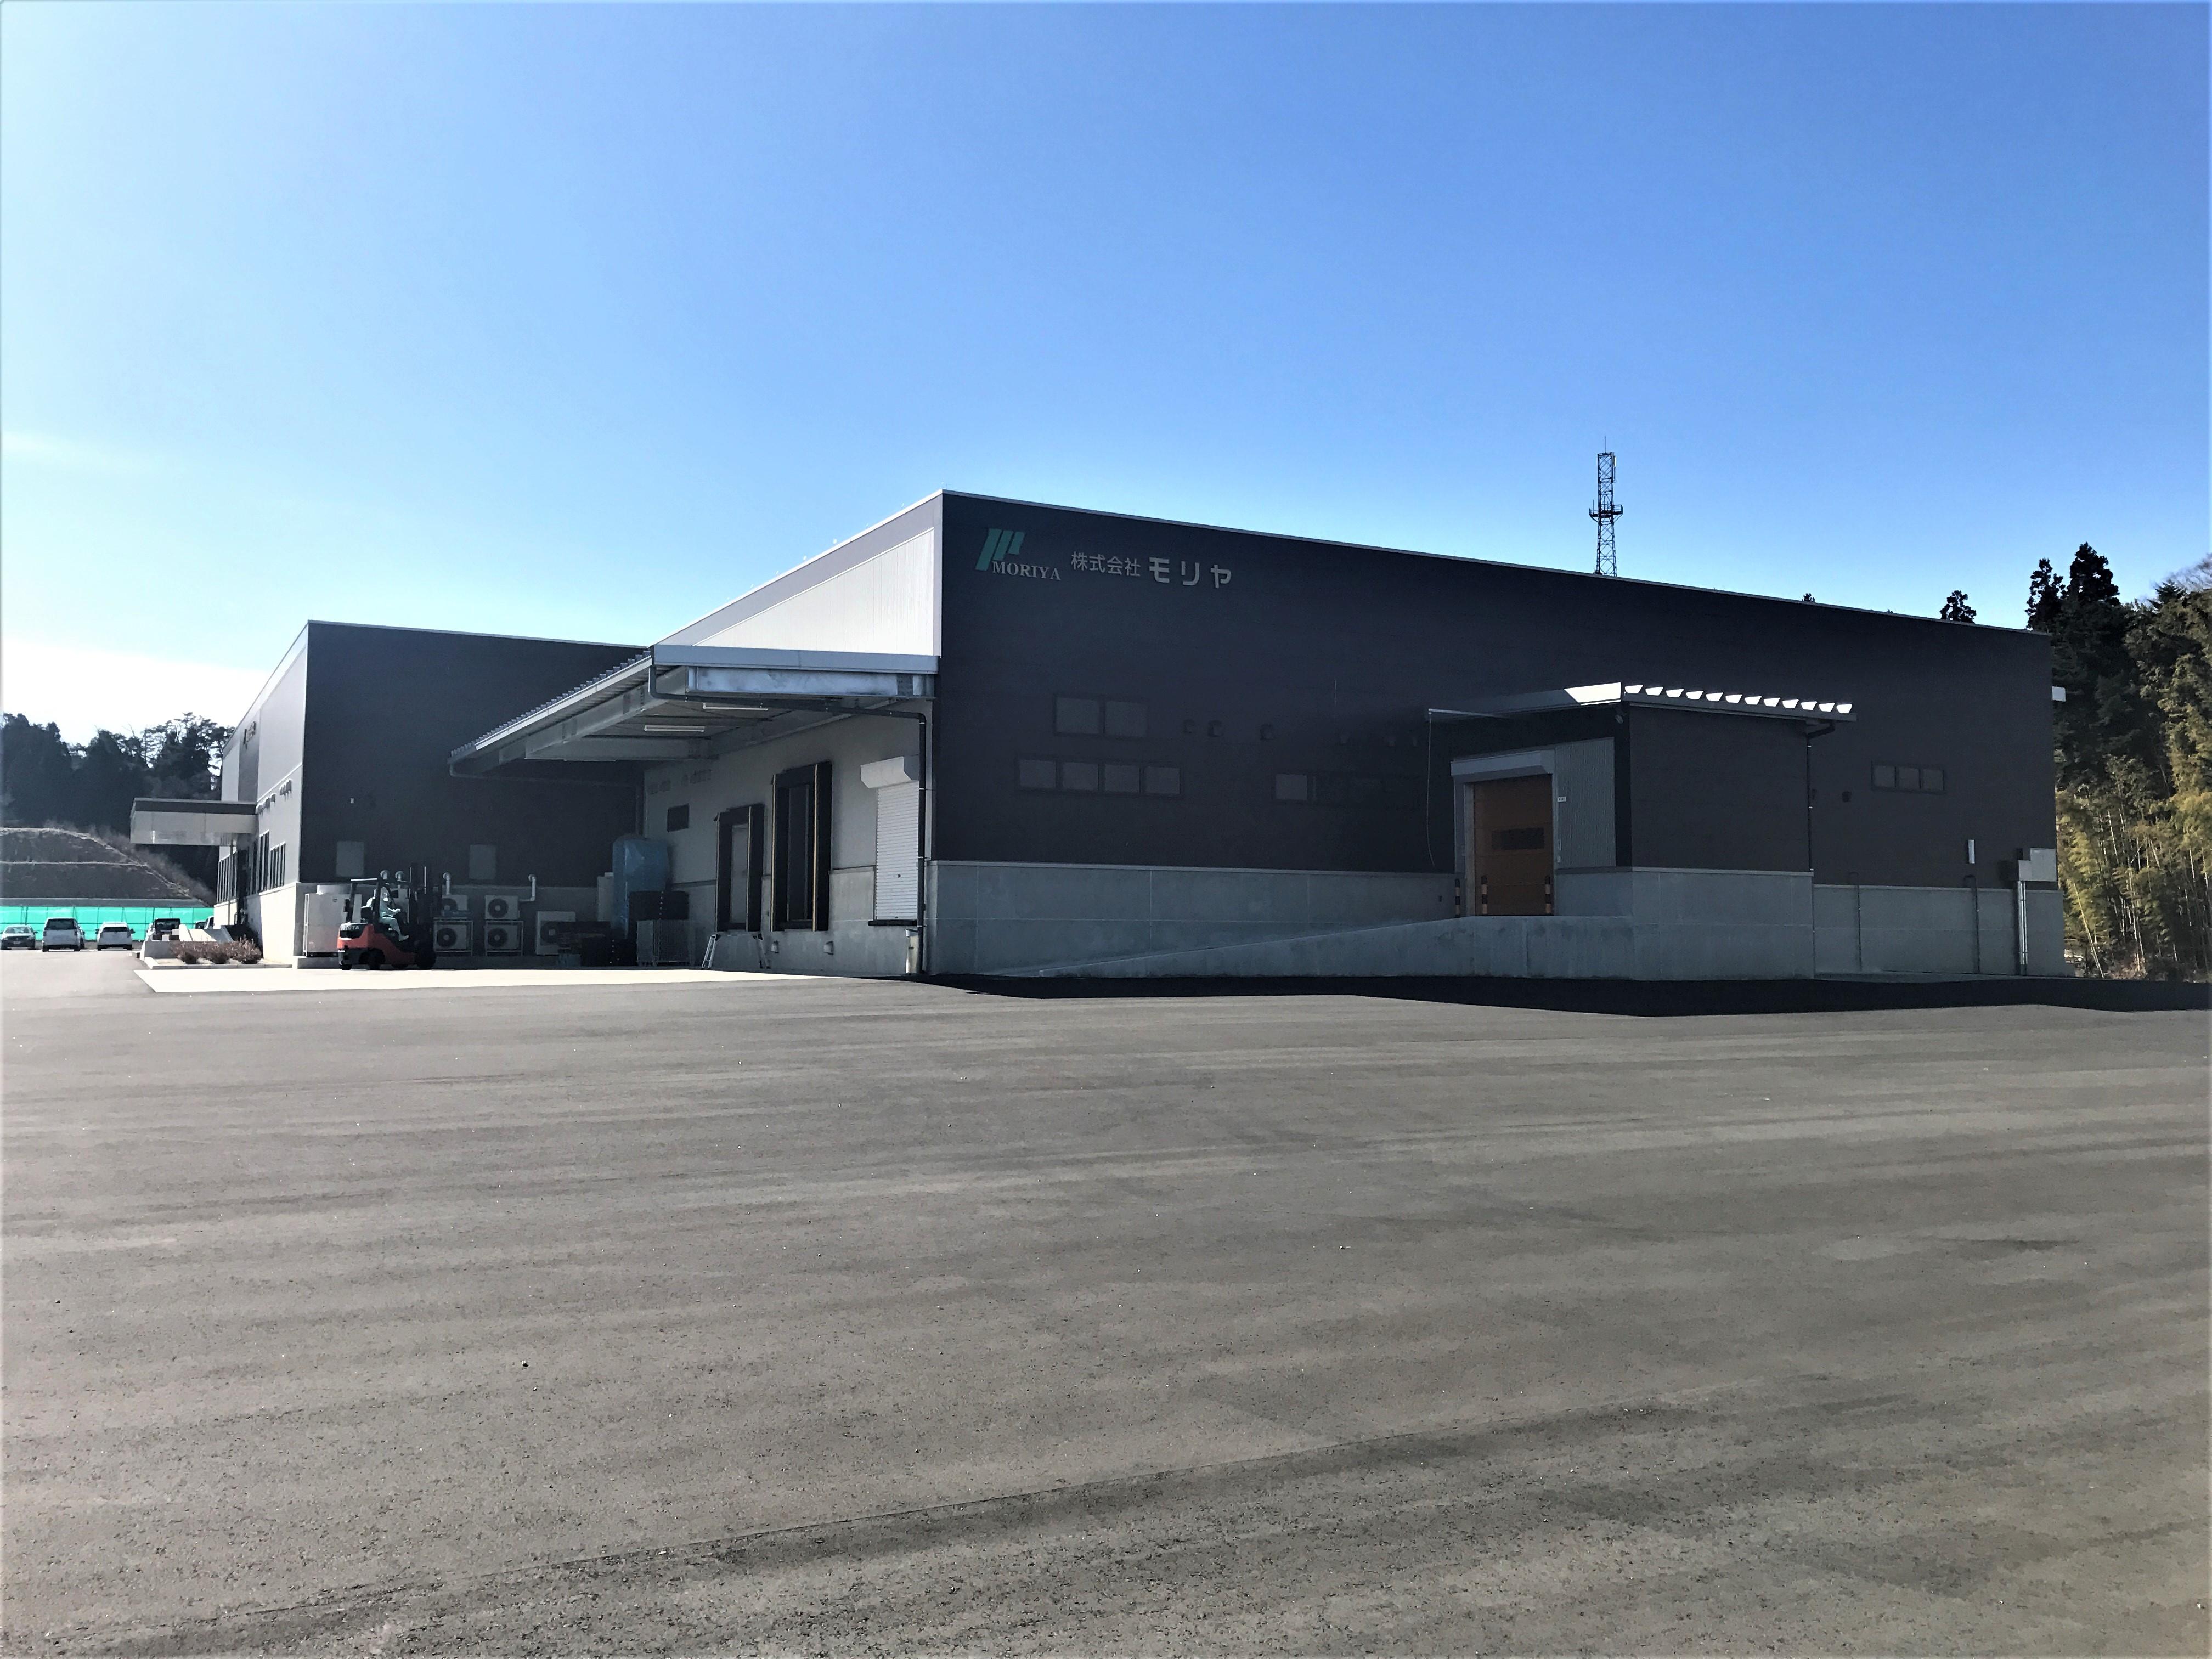 H26 | ㈱モリヤ | 新社屋兼工場建築工事